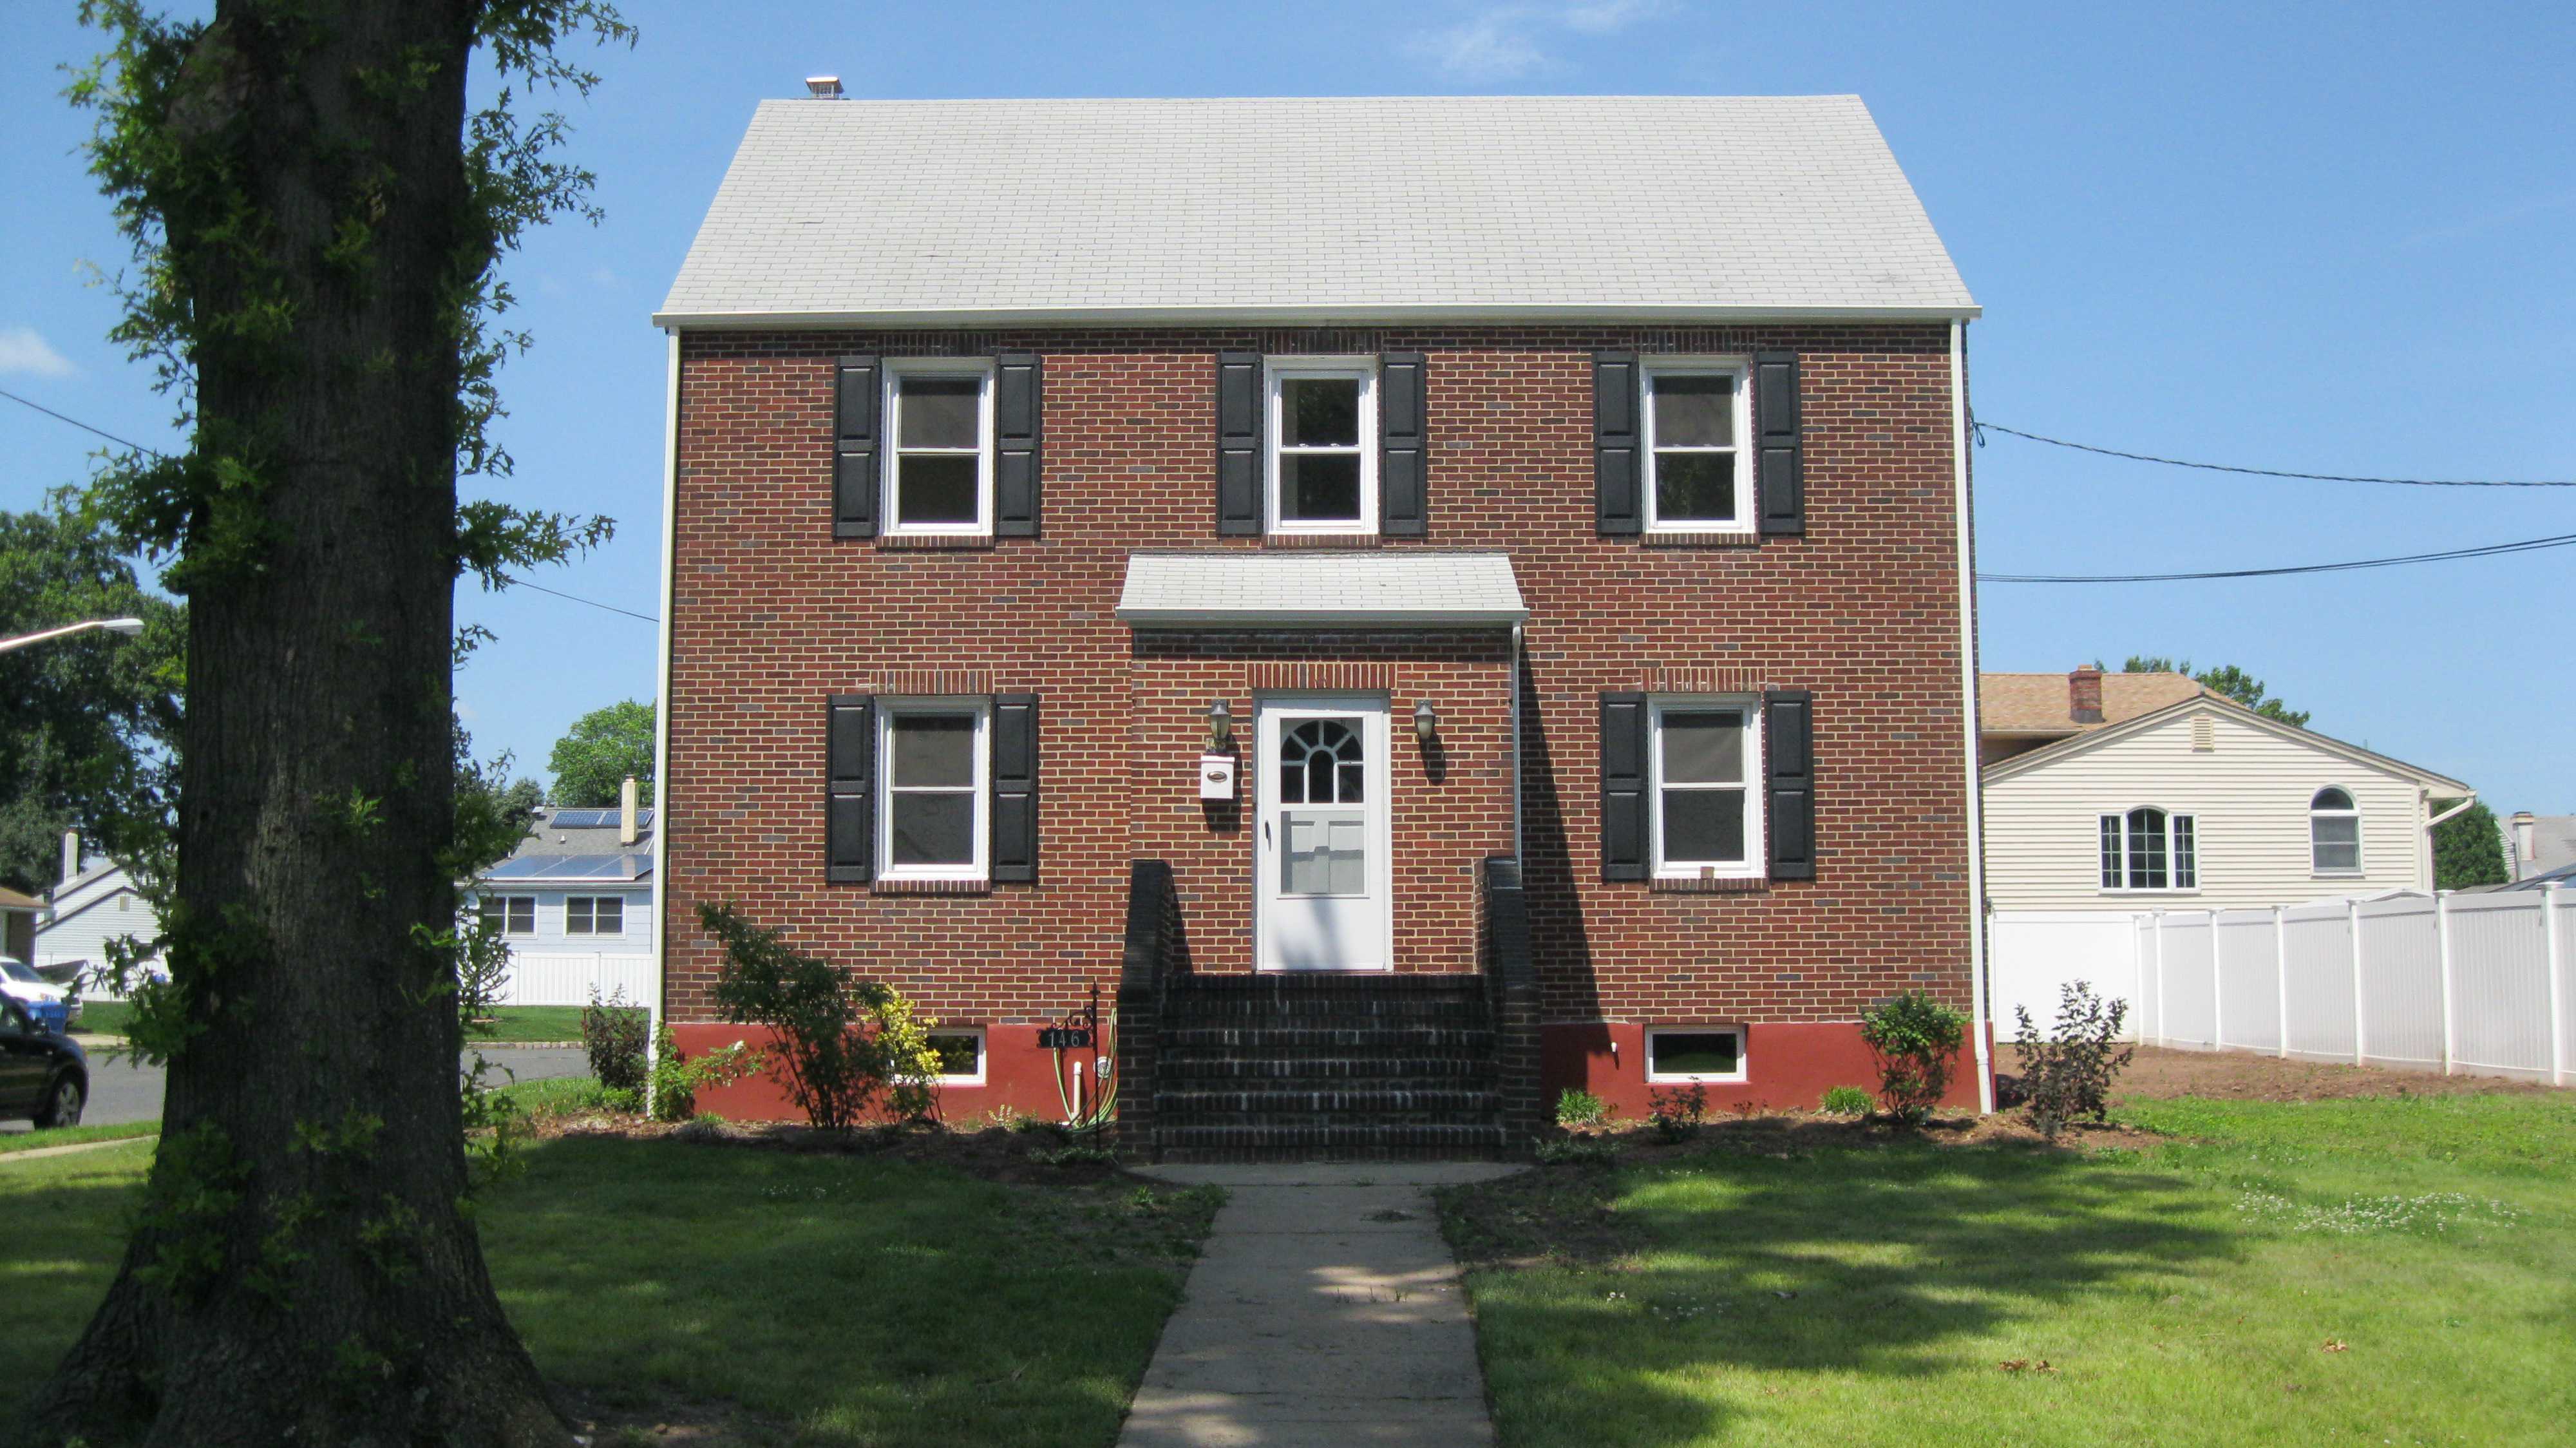 146 Old Rd, Sewaren, New Jersey 07077